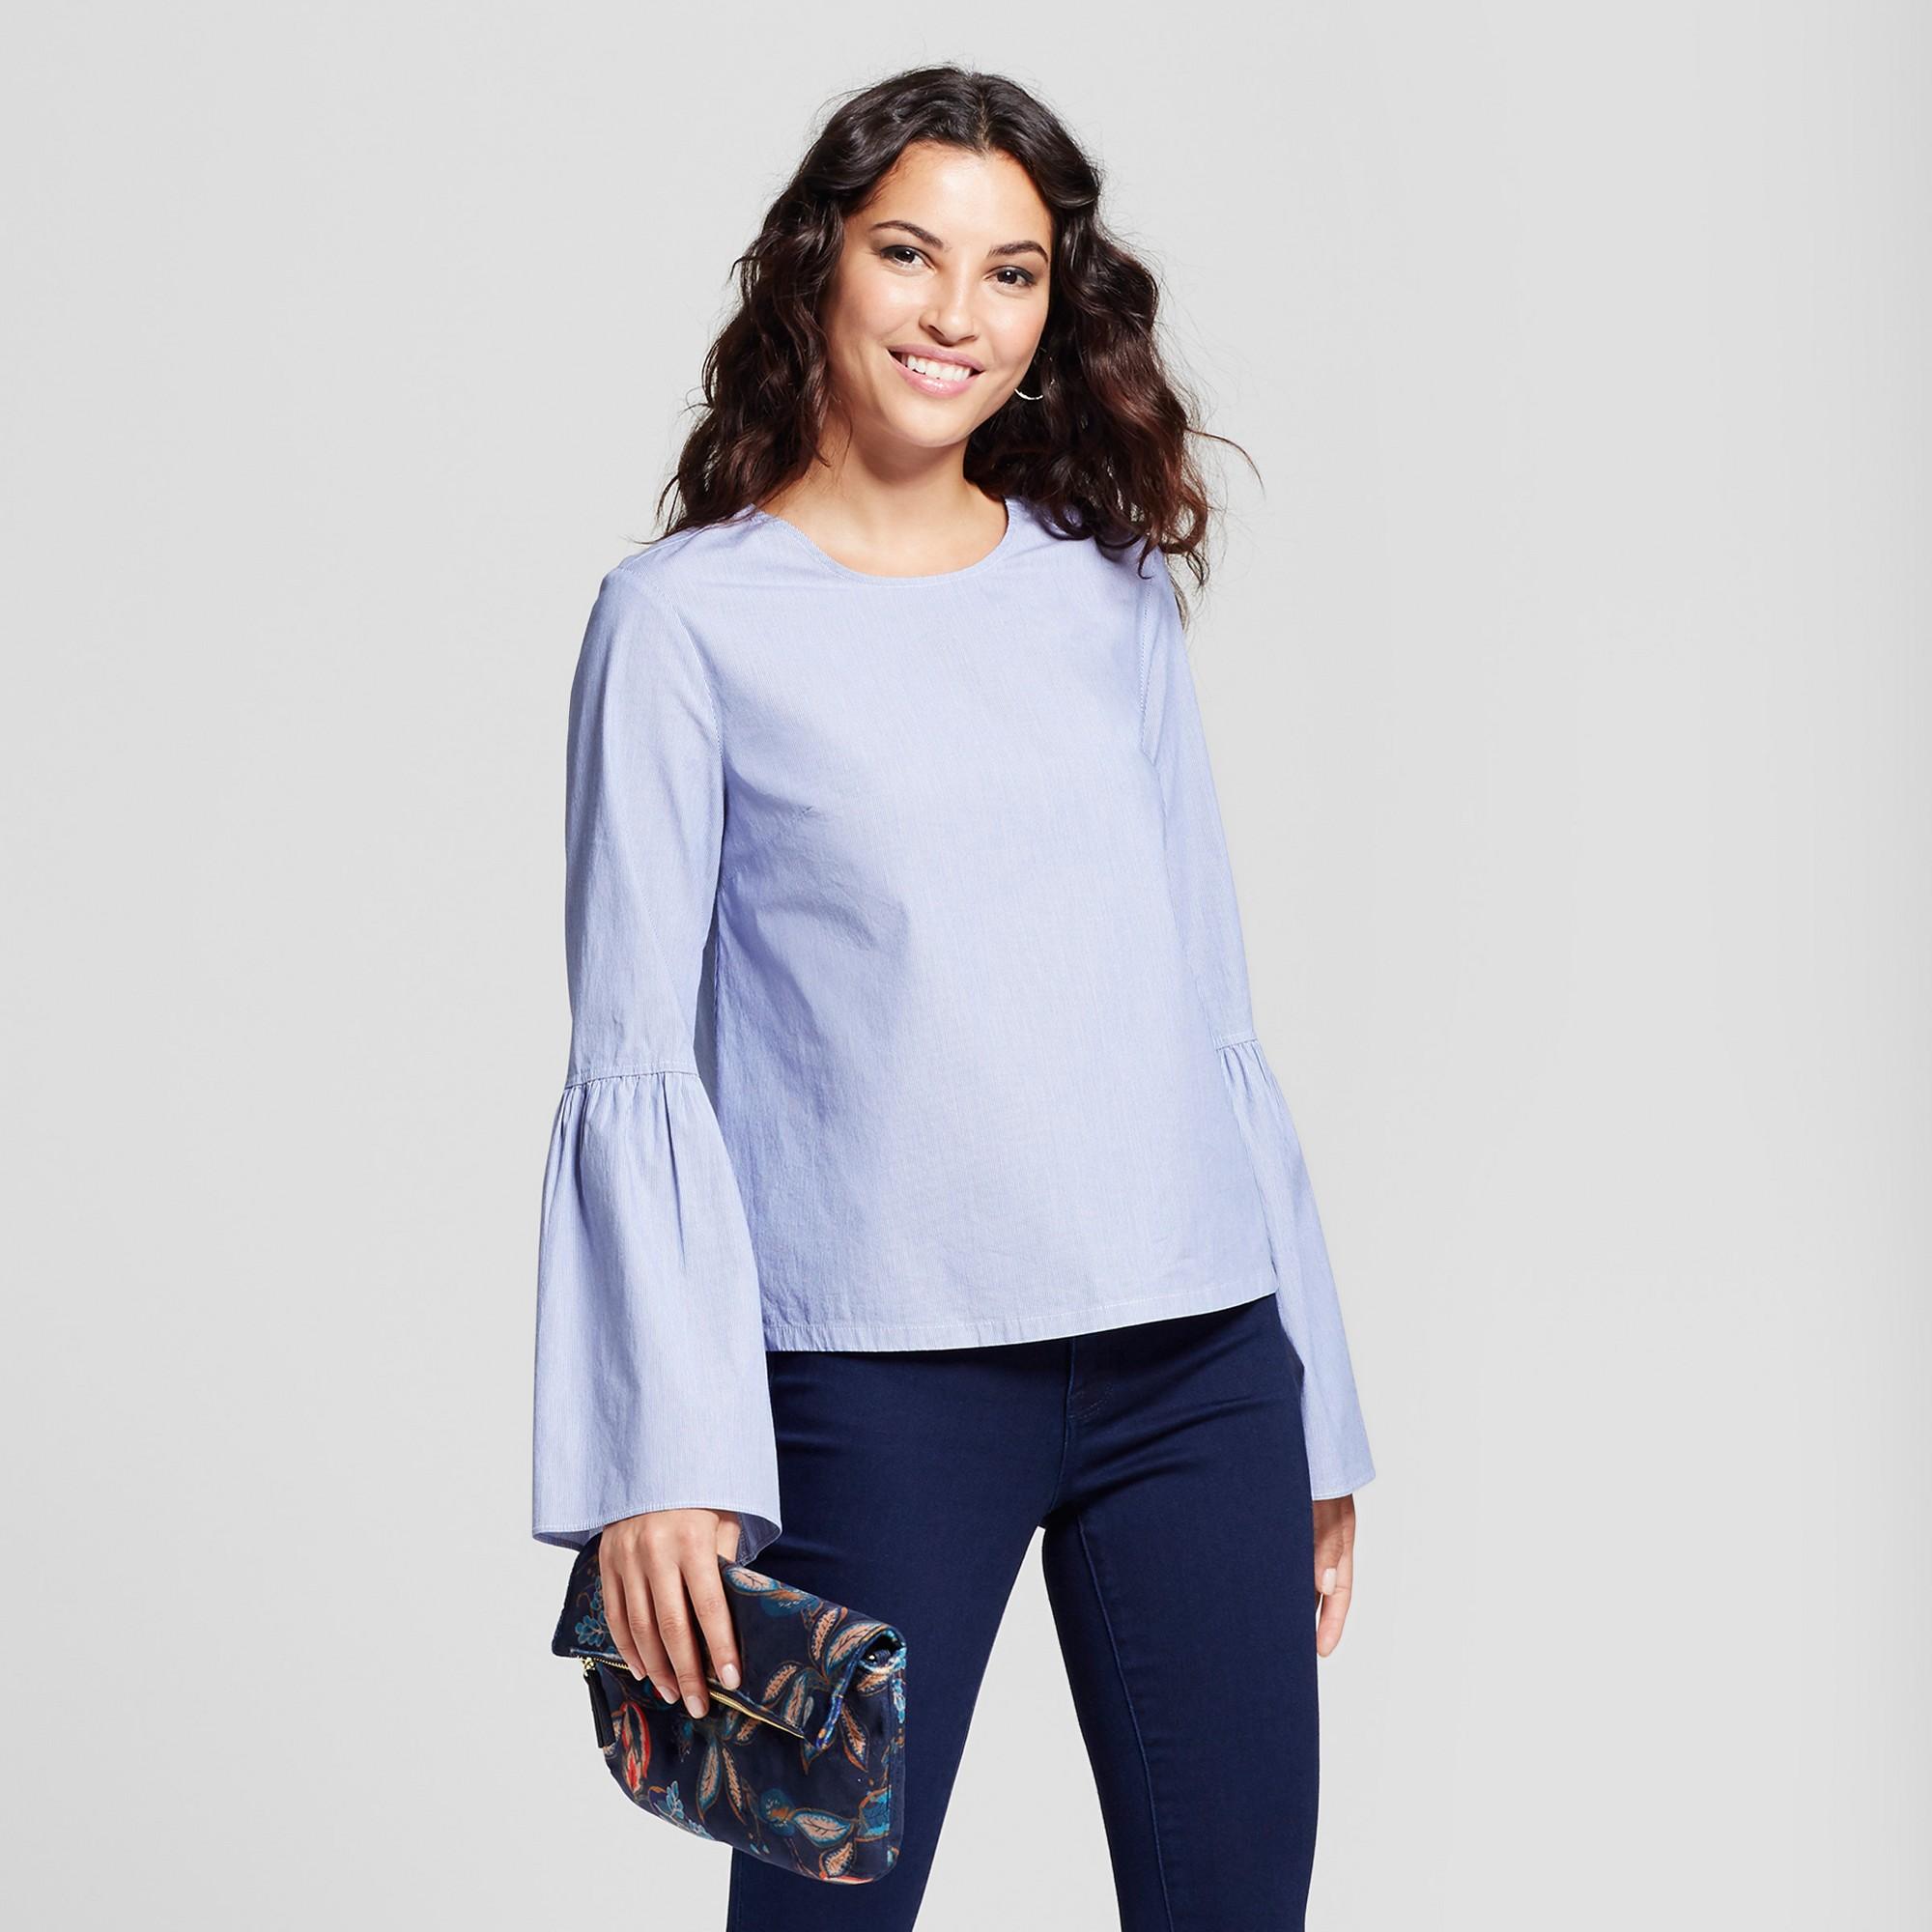 086761ca33 Women s Striped Bell Sleeve Poplin Top - A New Day Light Blue XL ...